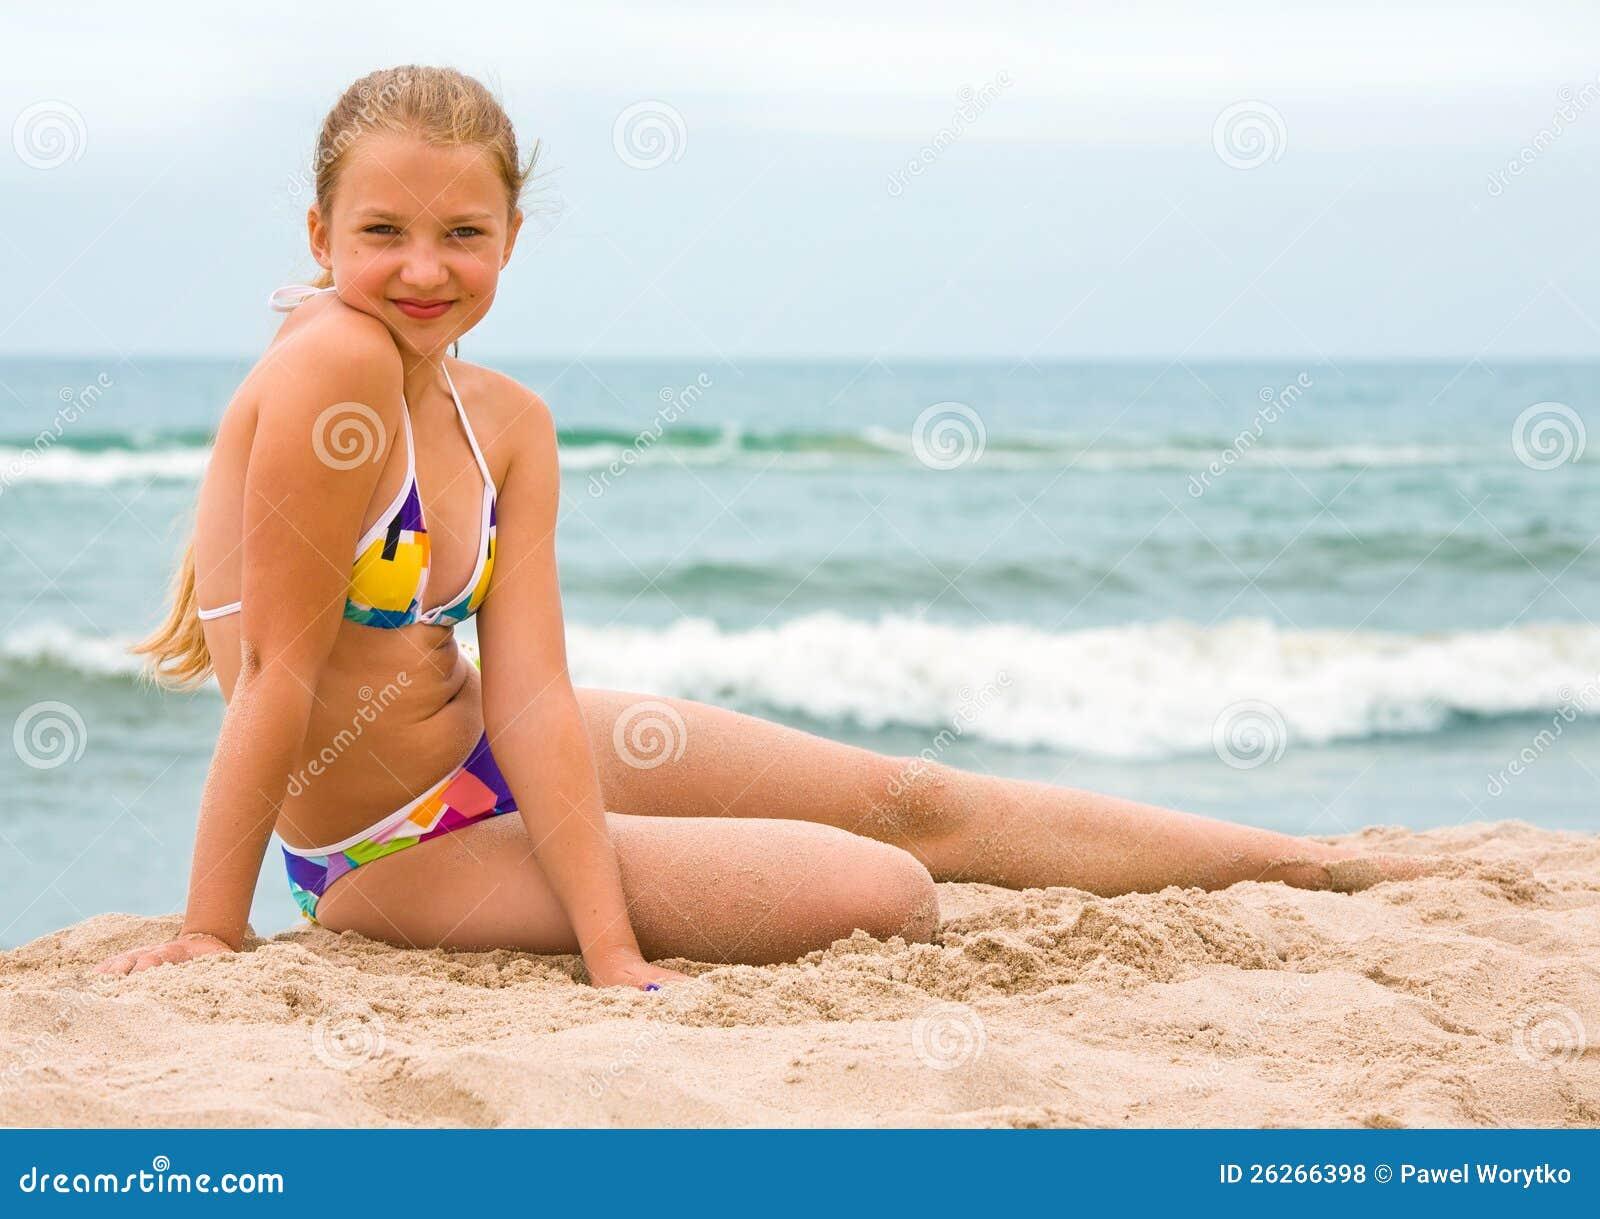 Photos de plage fille